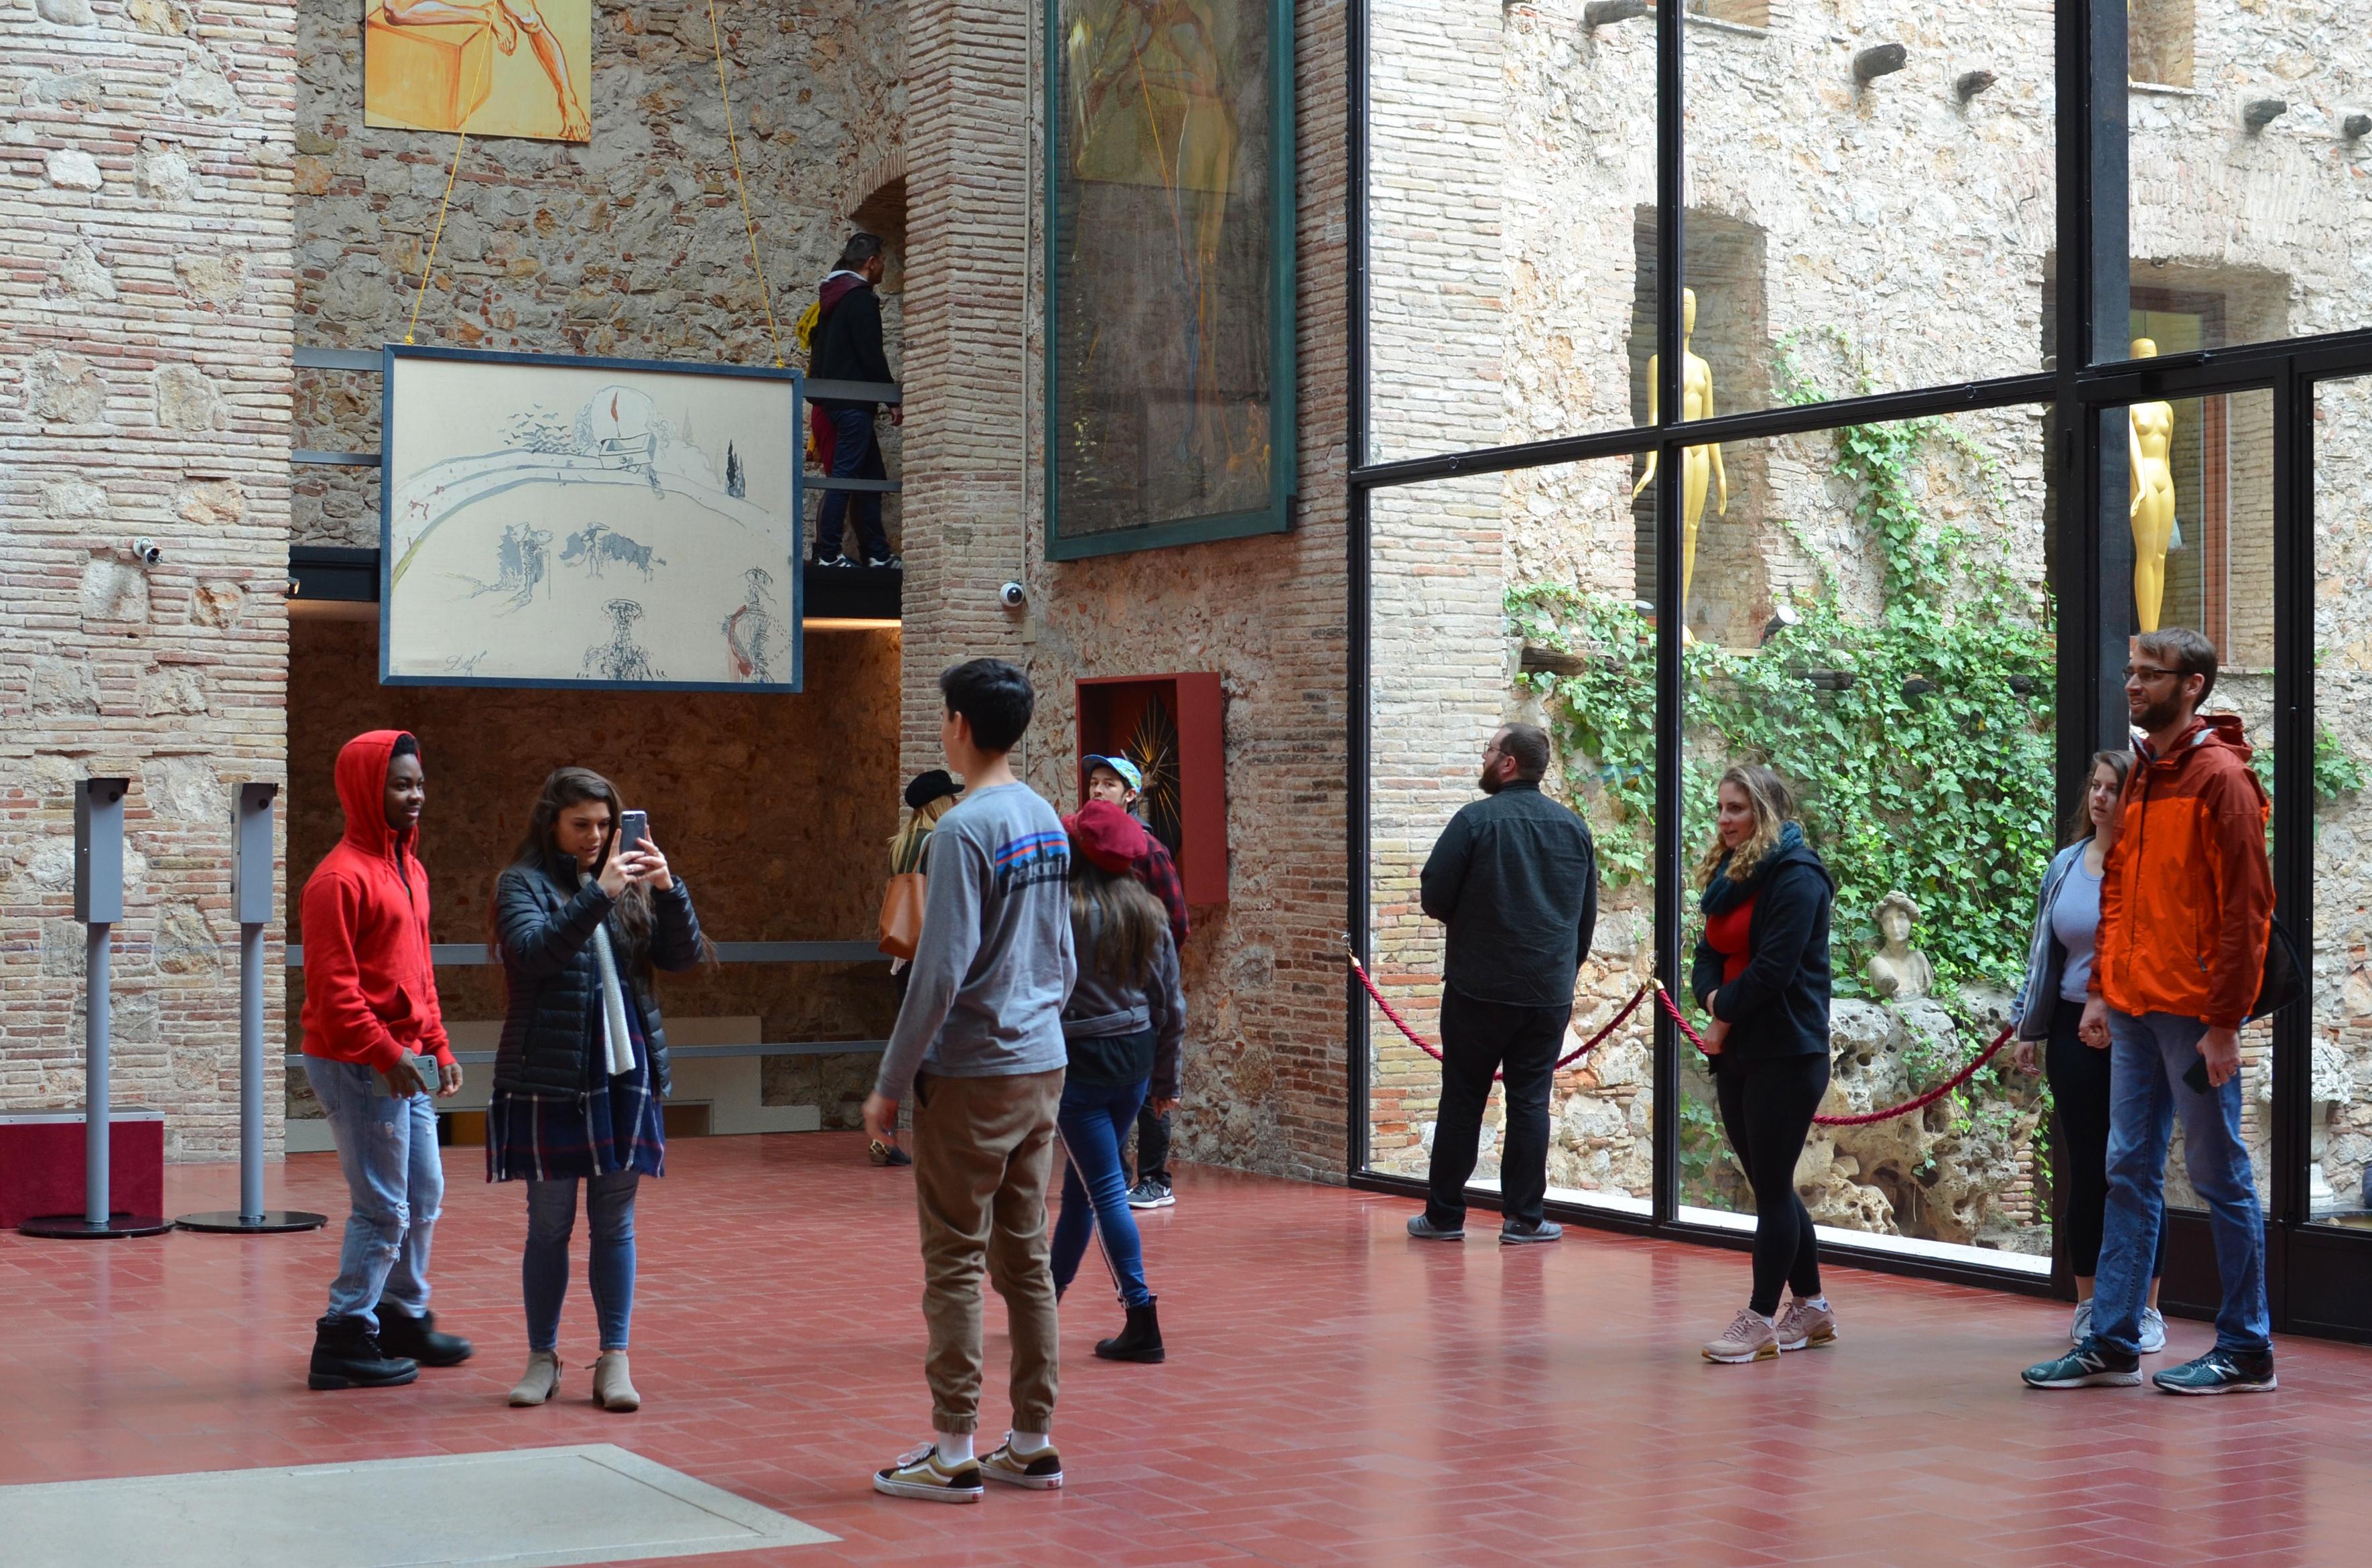 Proctor en Segovia visits the Dalí museum in Figueres